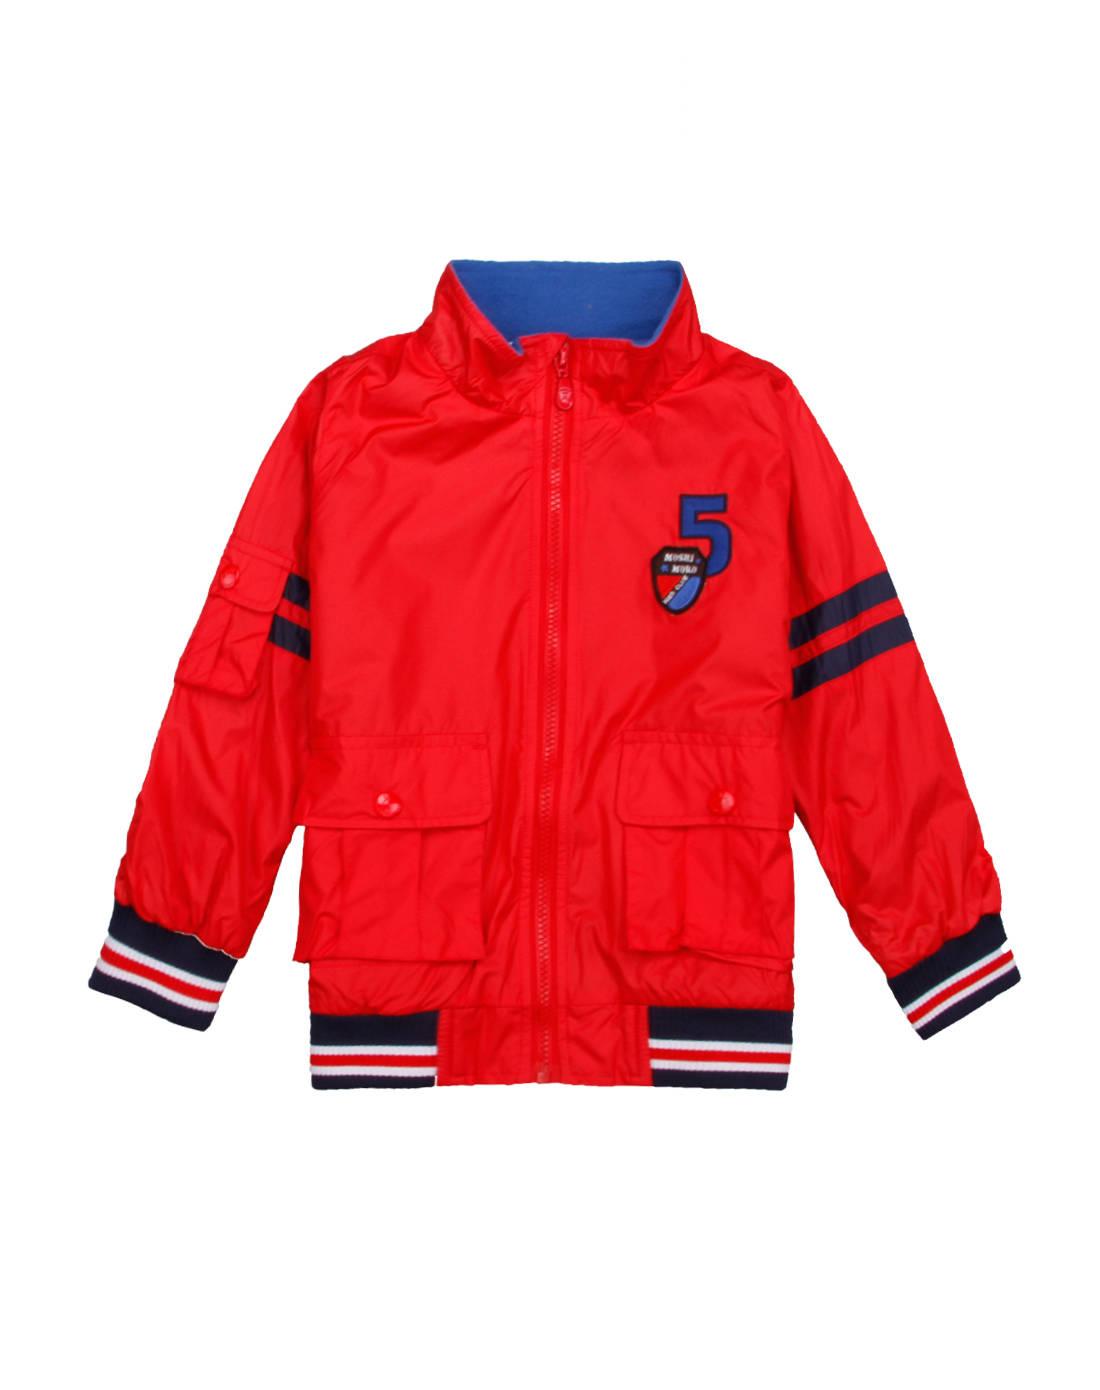 麻希玛柔moshimoro 男童红色化纤薄棉里外套